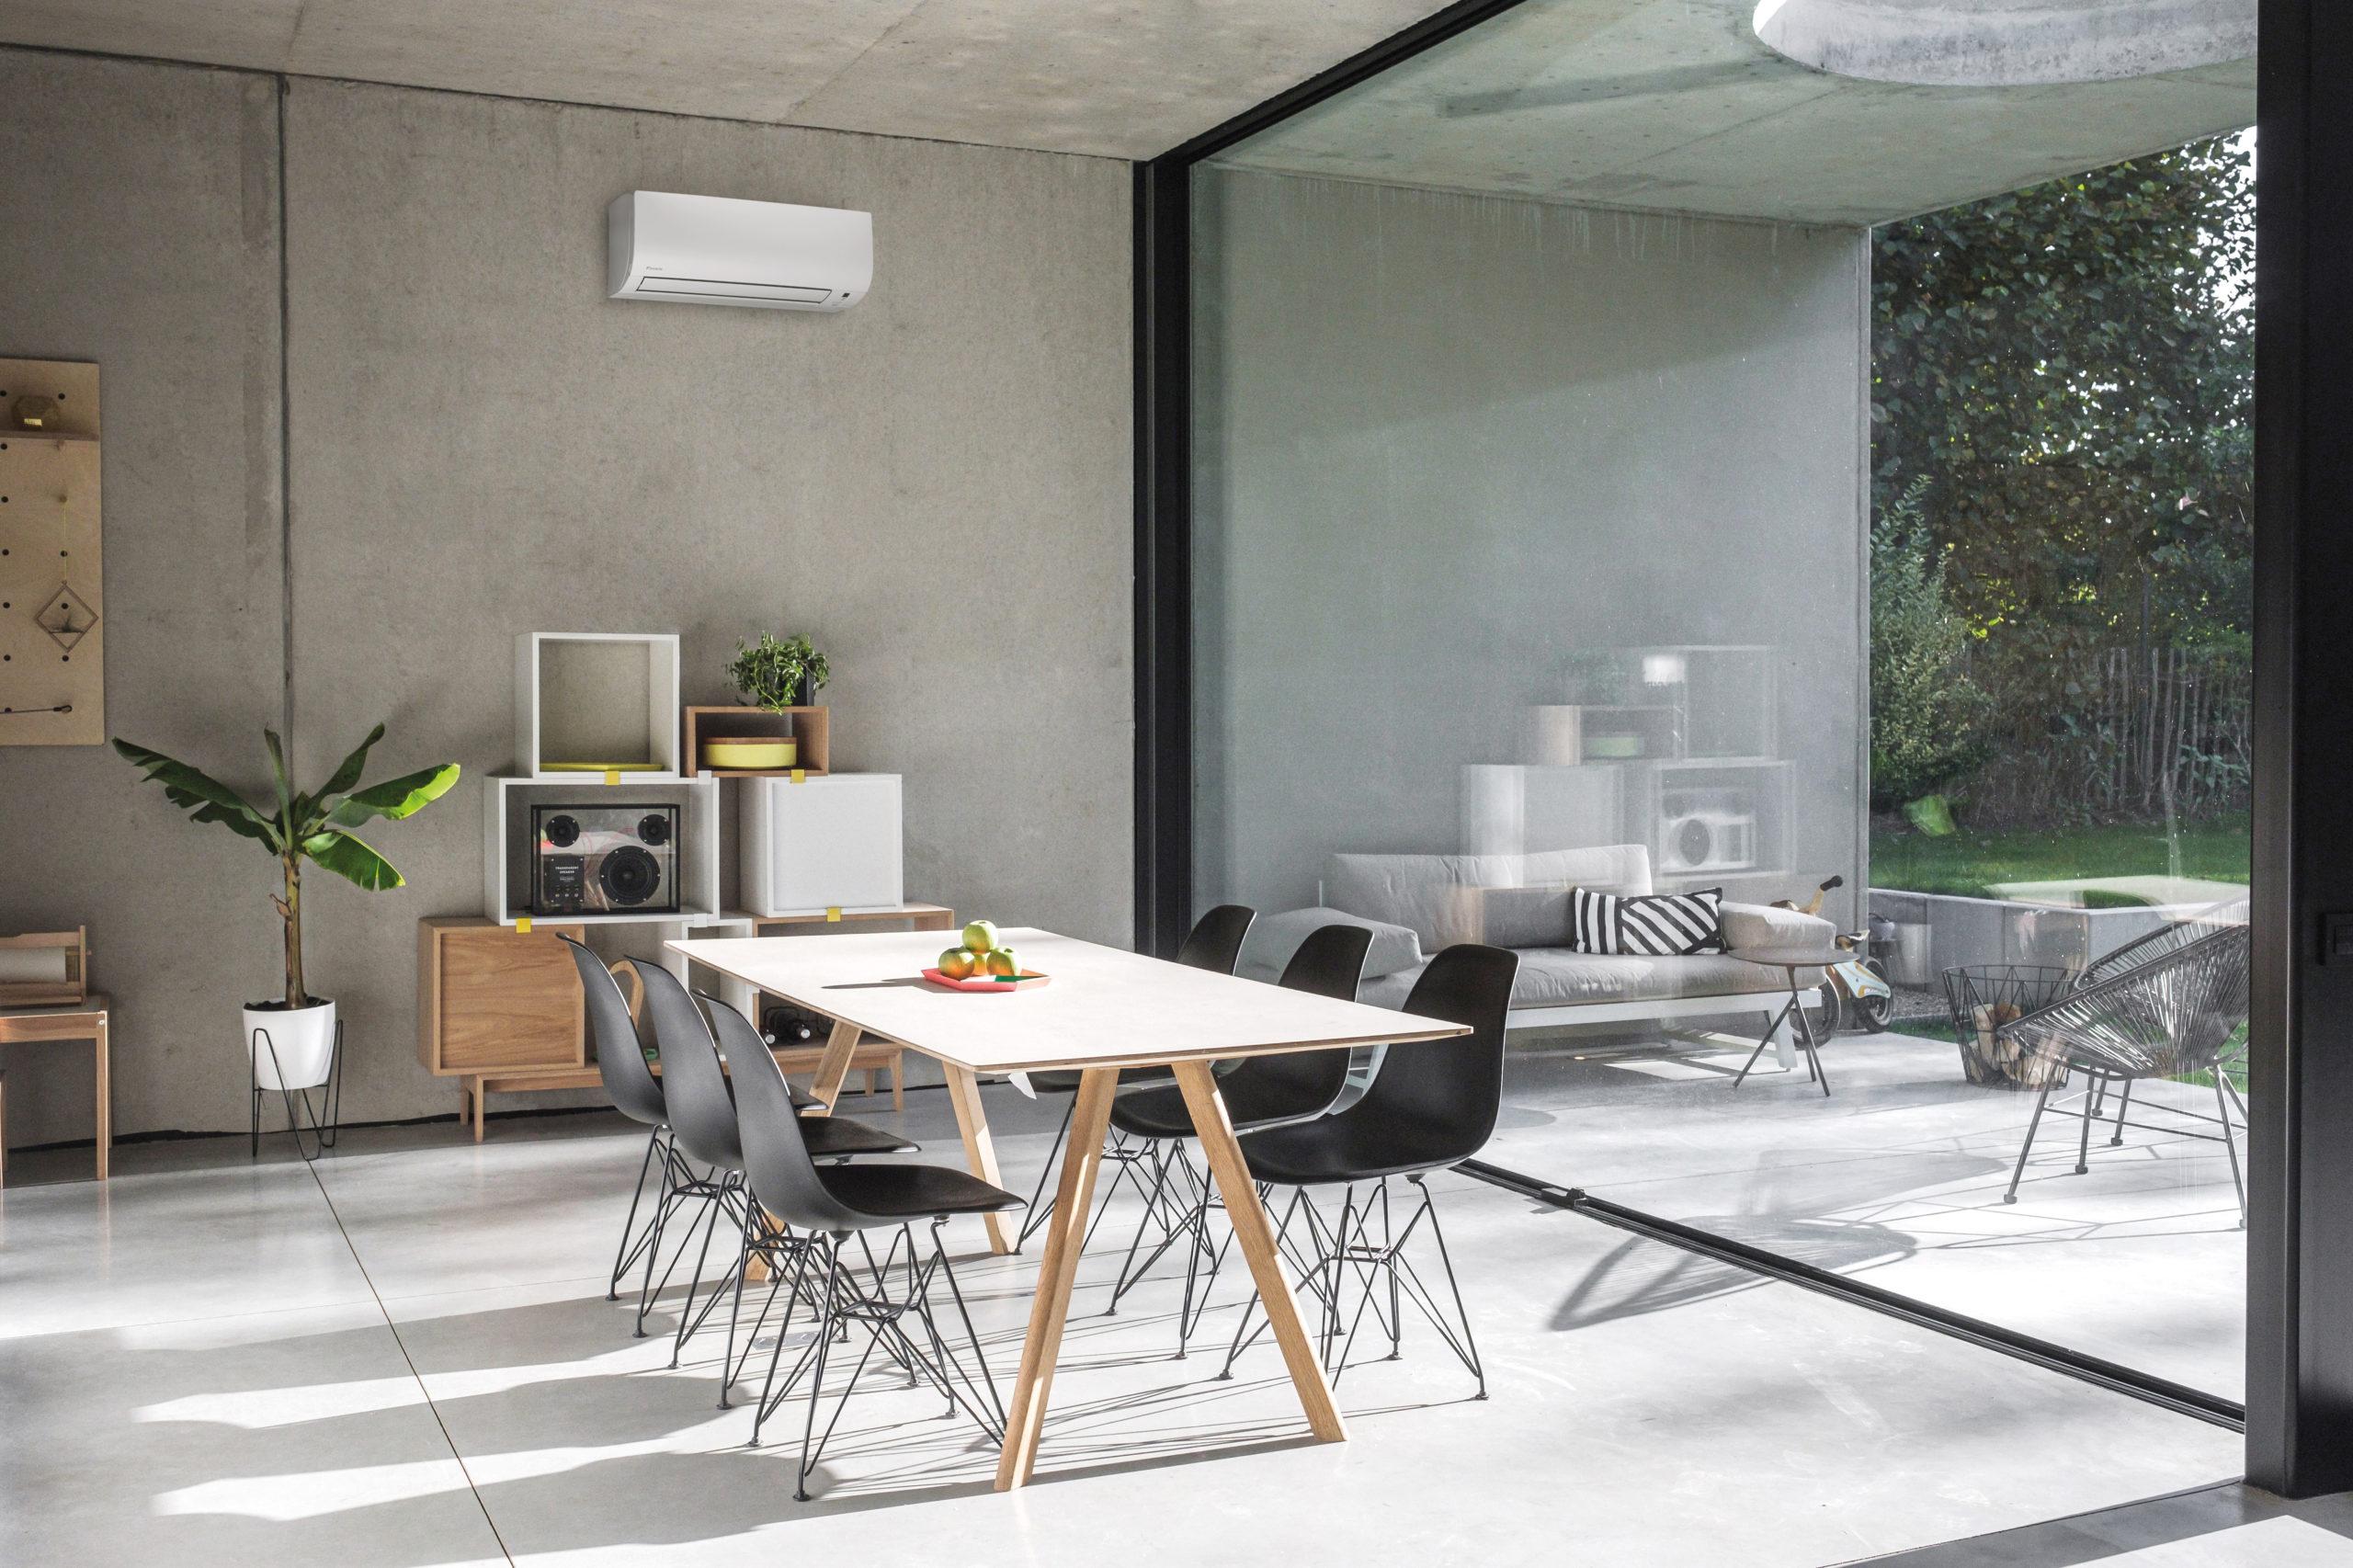 Klimaanlage im Wohnbereich